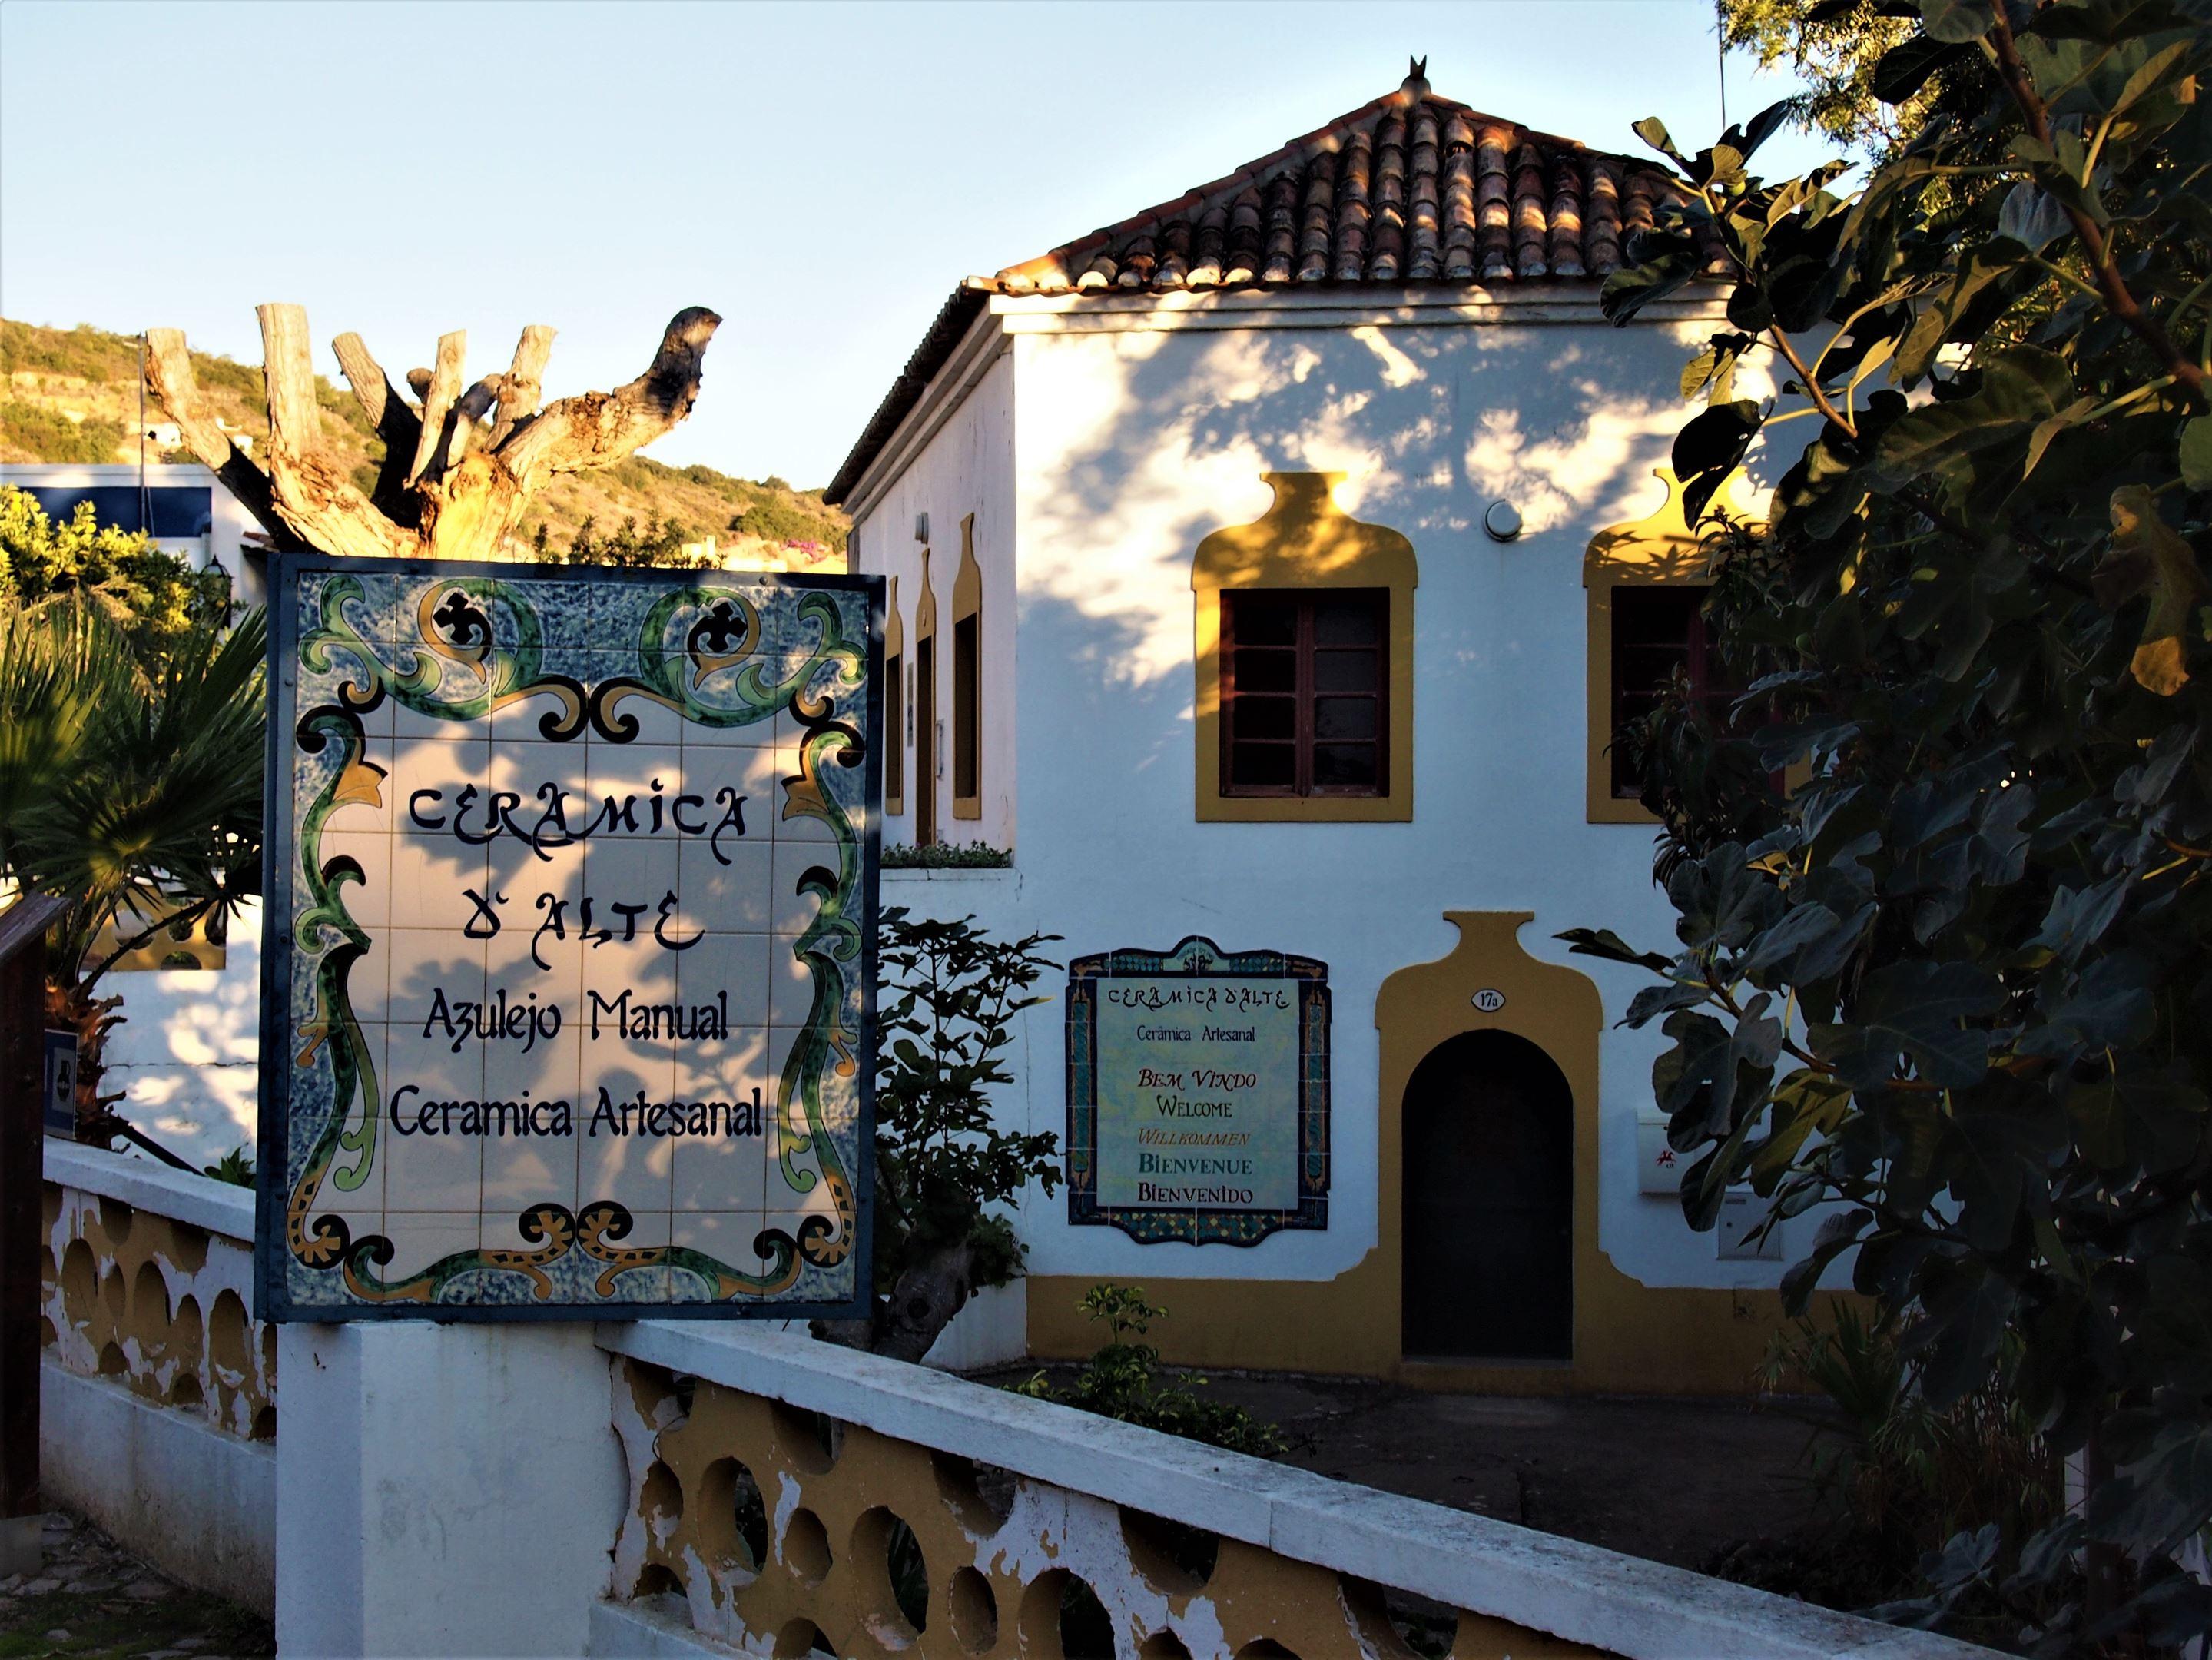 Azulejos de cerámica hechos a mano, una de las muchas tiendas de artesanías en Alte, Algarve